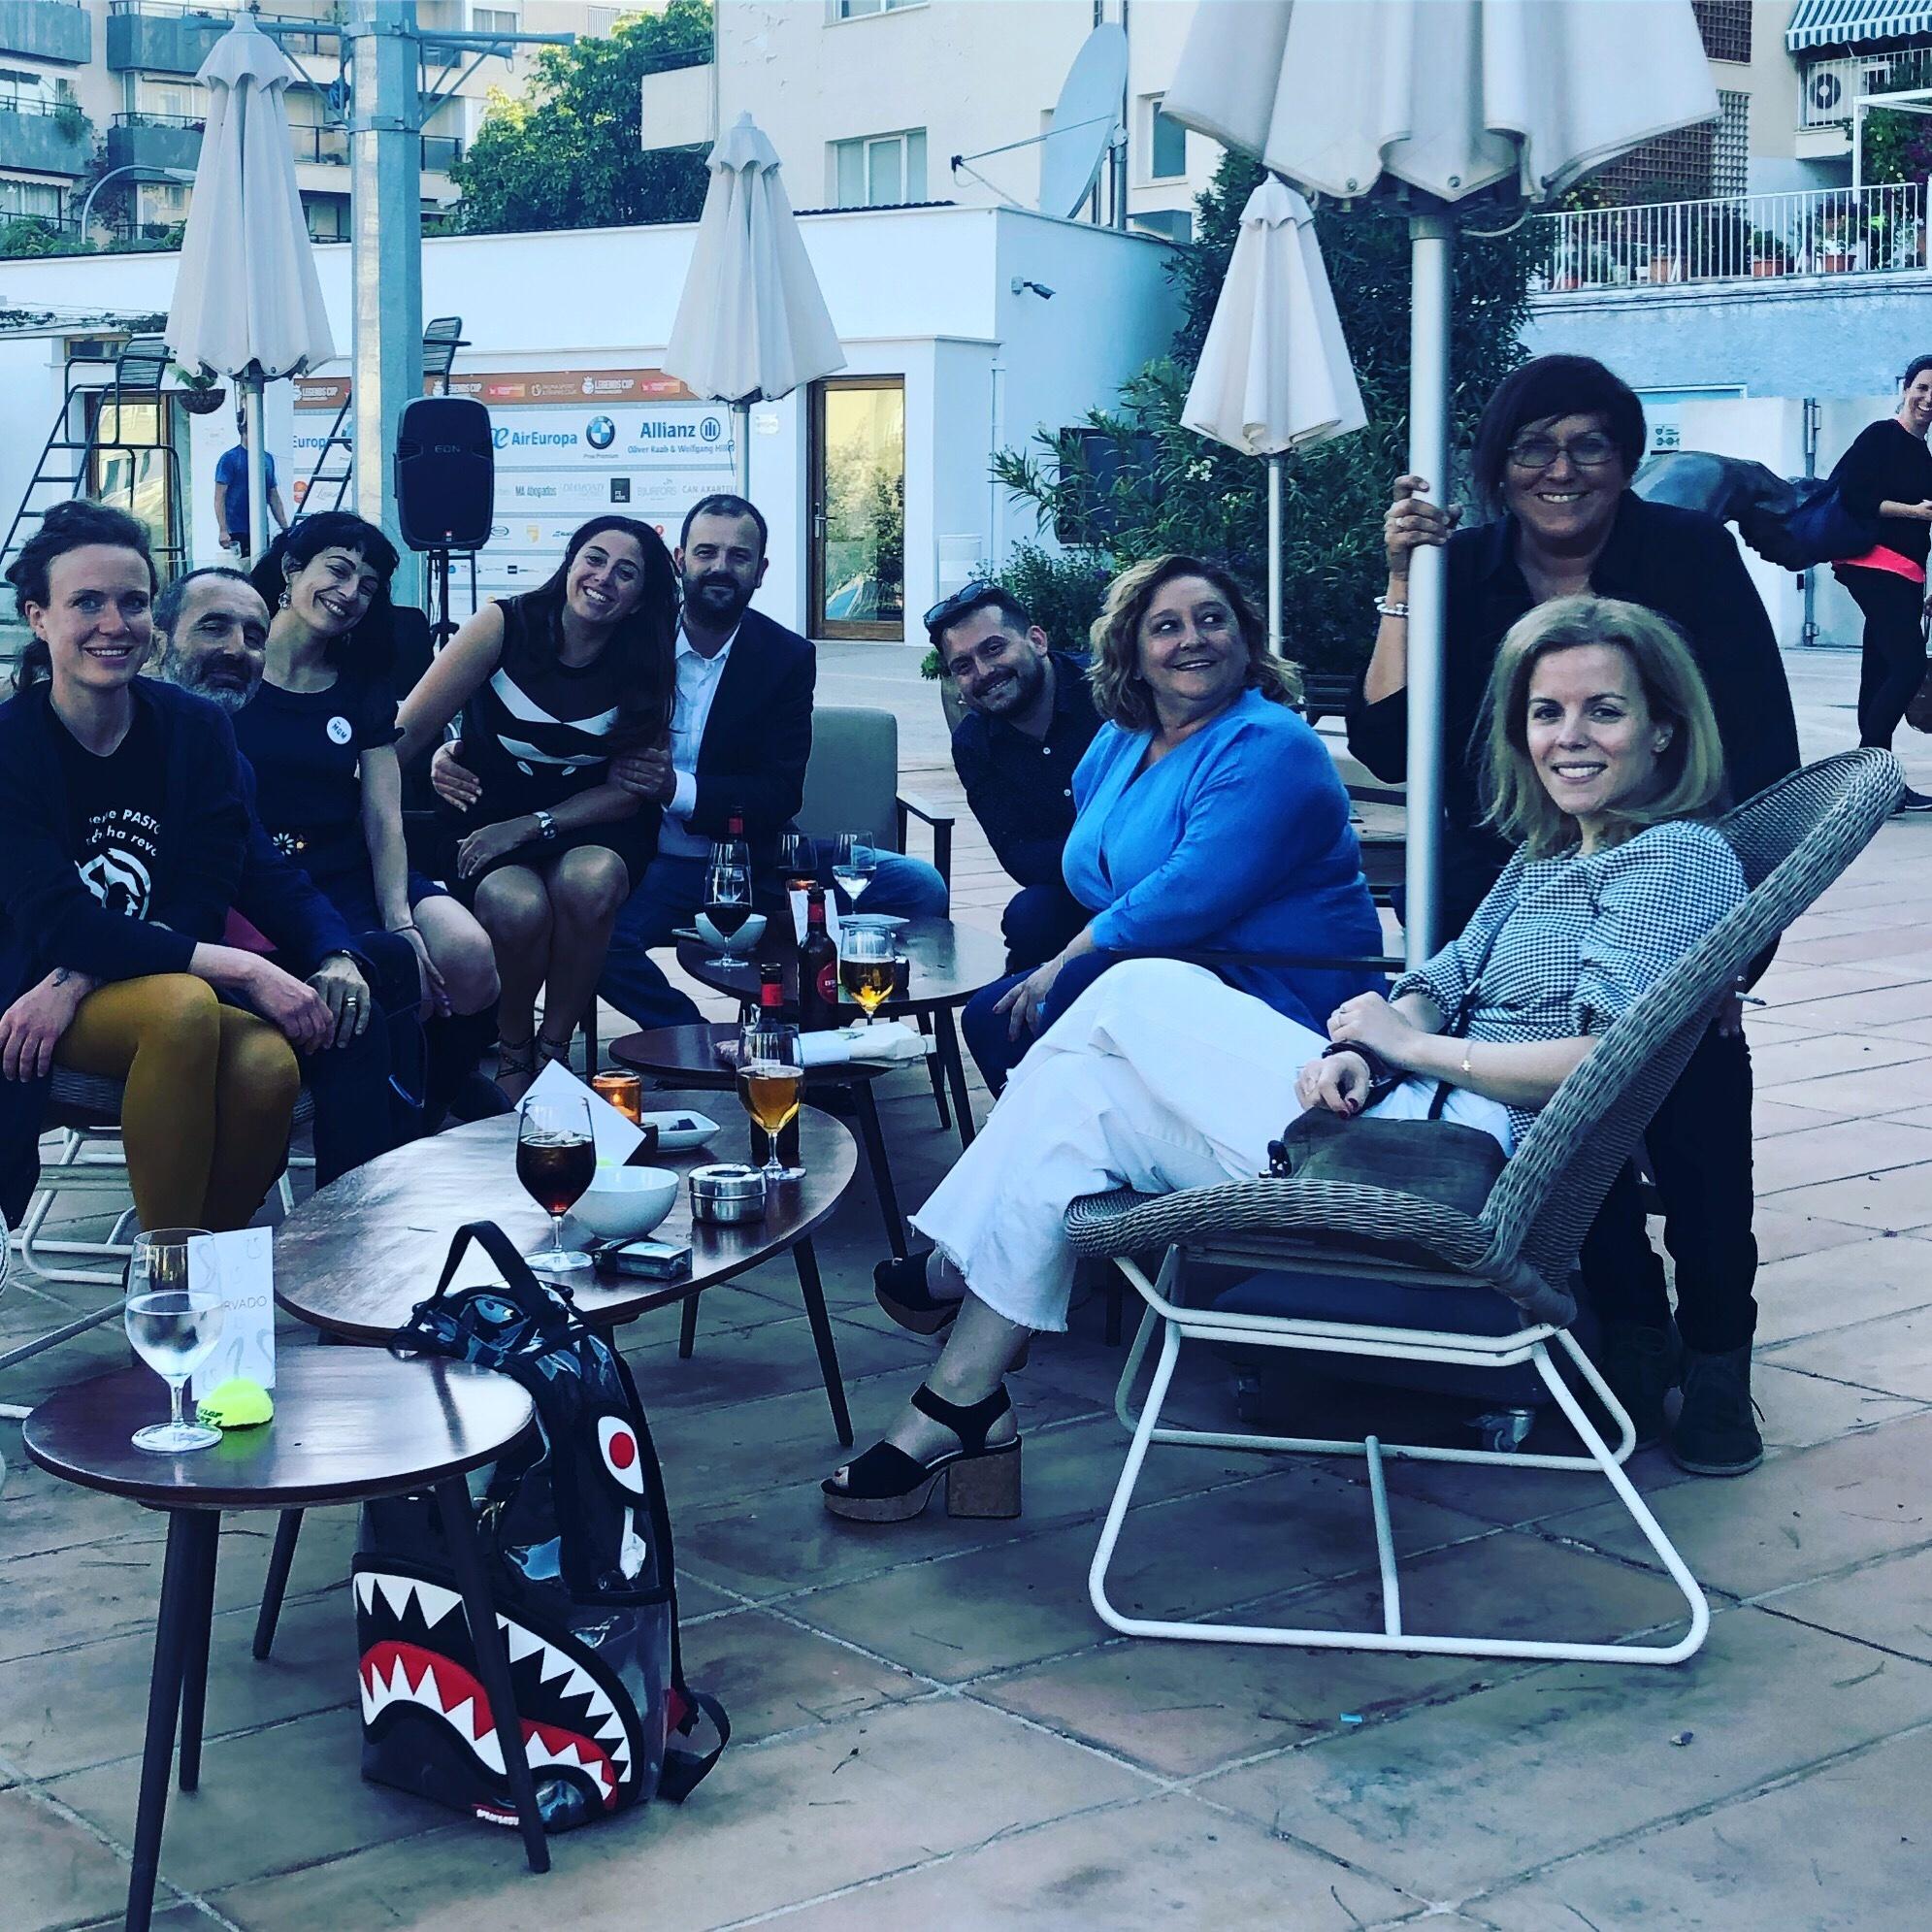 Roser Amills en el II Foro Mujeres Que Marcan 2019 en el Club de Tenis de Palma de Mallorca